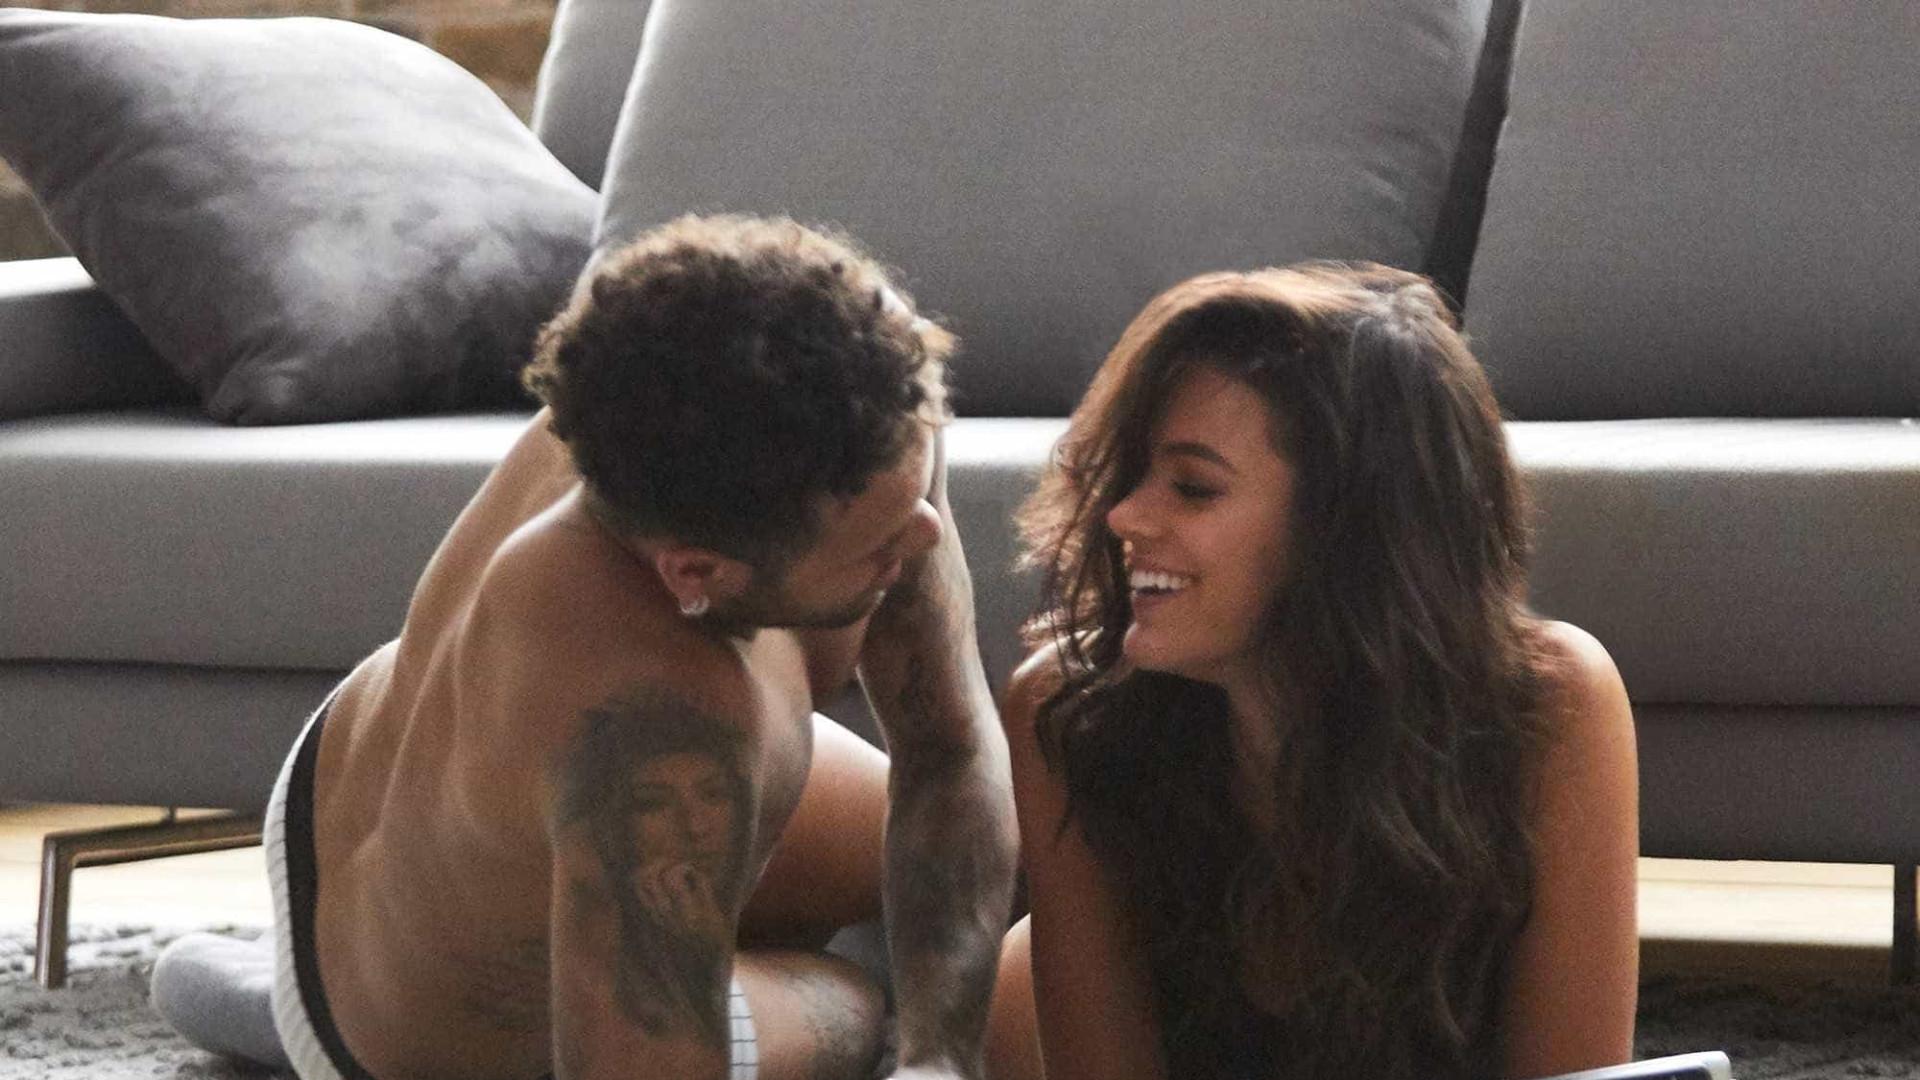 Bruna e Neymar recebem quase R$ 2 milhões por publicidade 'quente'